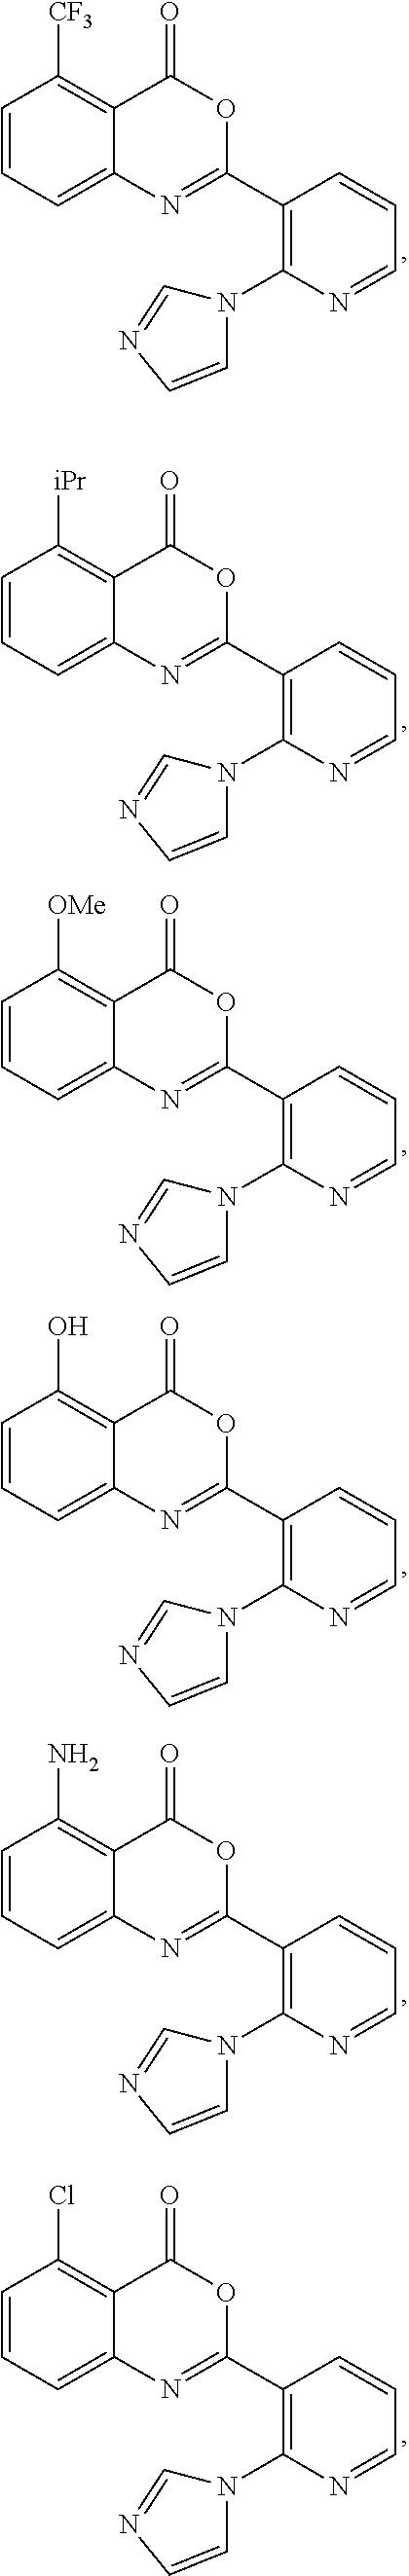 Figure US07879846-20110201-C00035